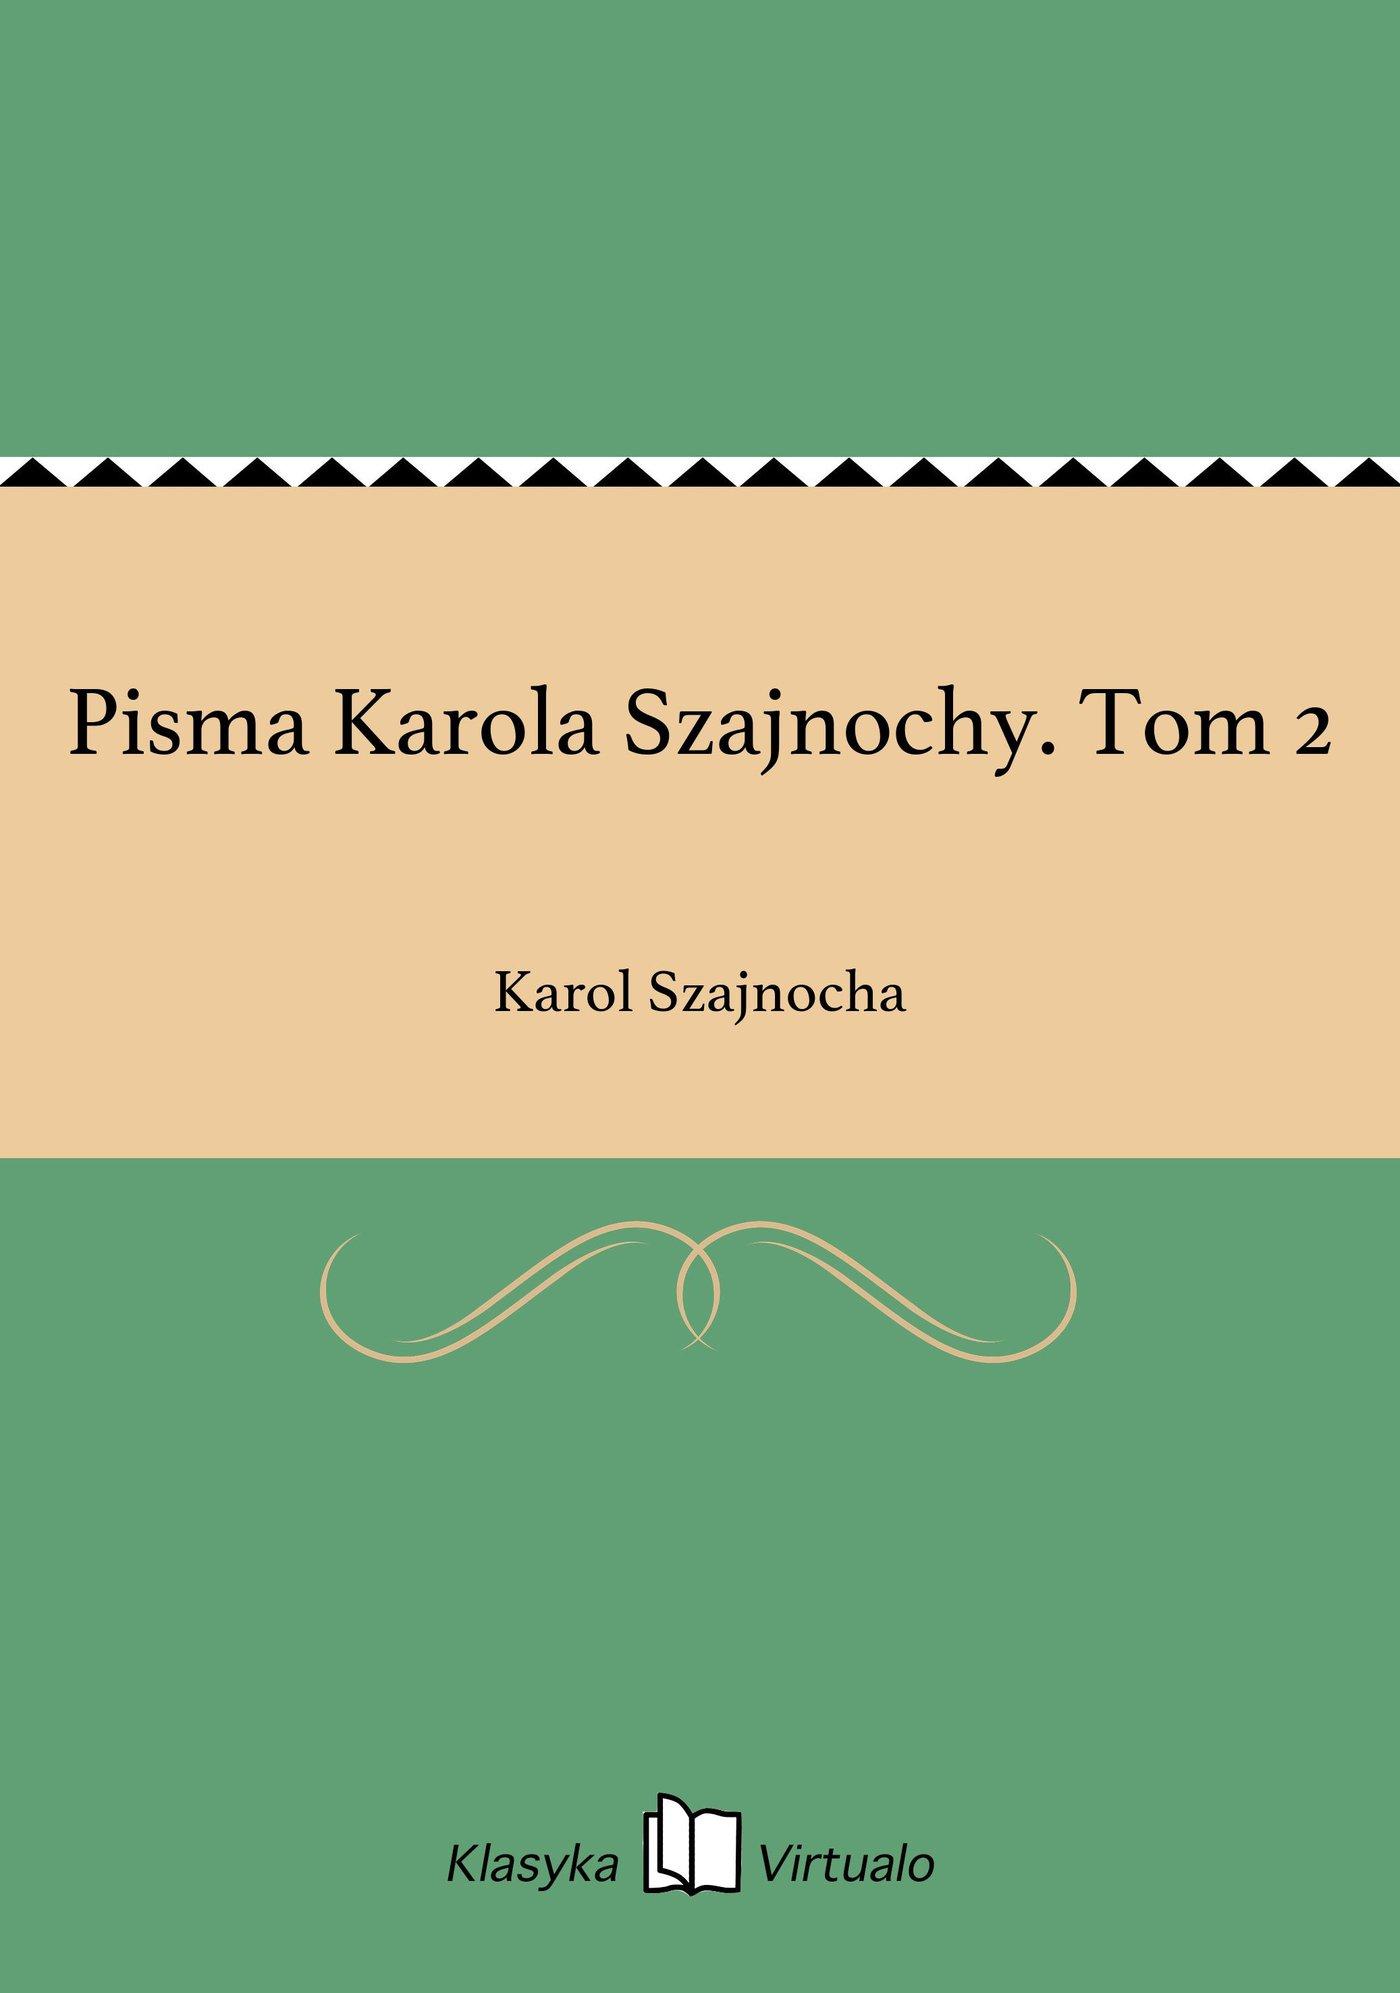 Pisma Karola Szajnochy. Tom 2 - Ebook (Książka EPUB) do pobrania w formacie EPUB